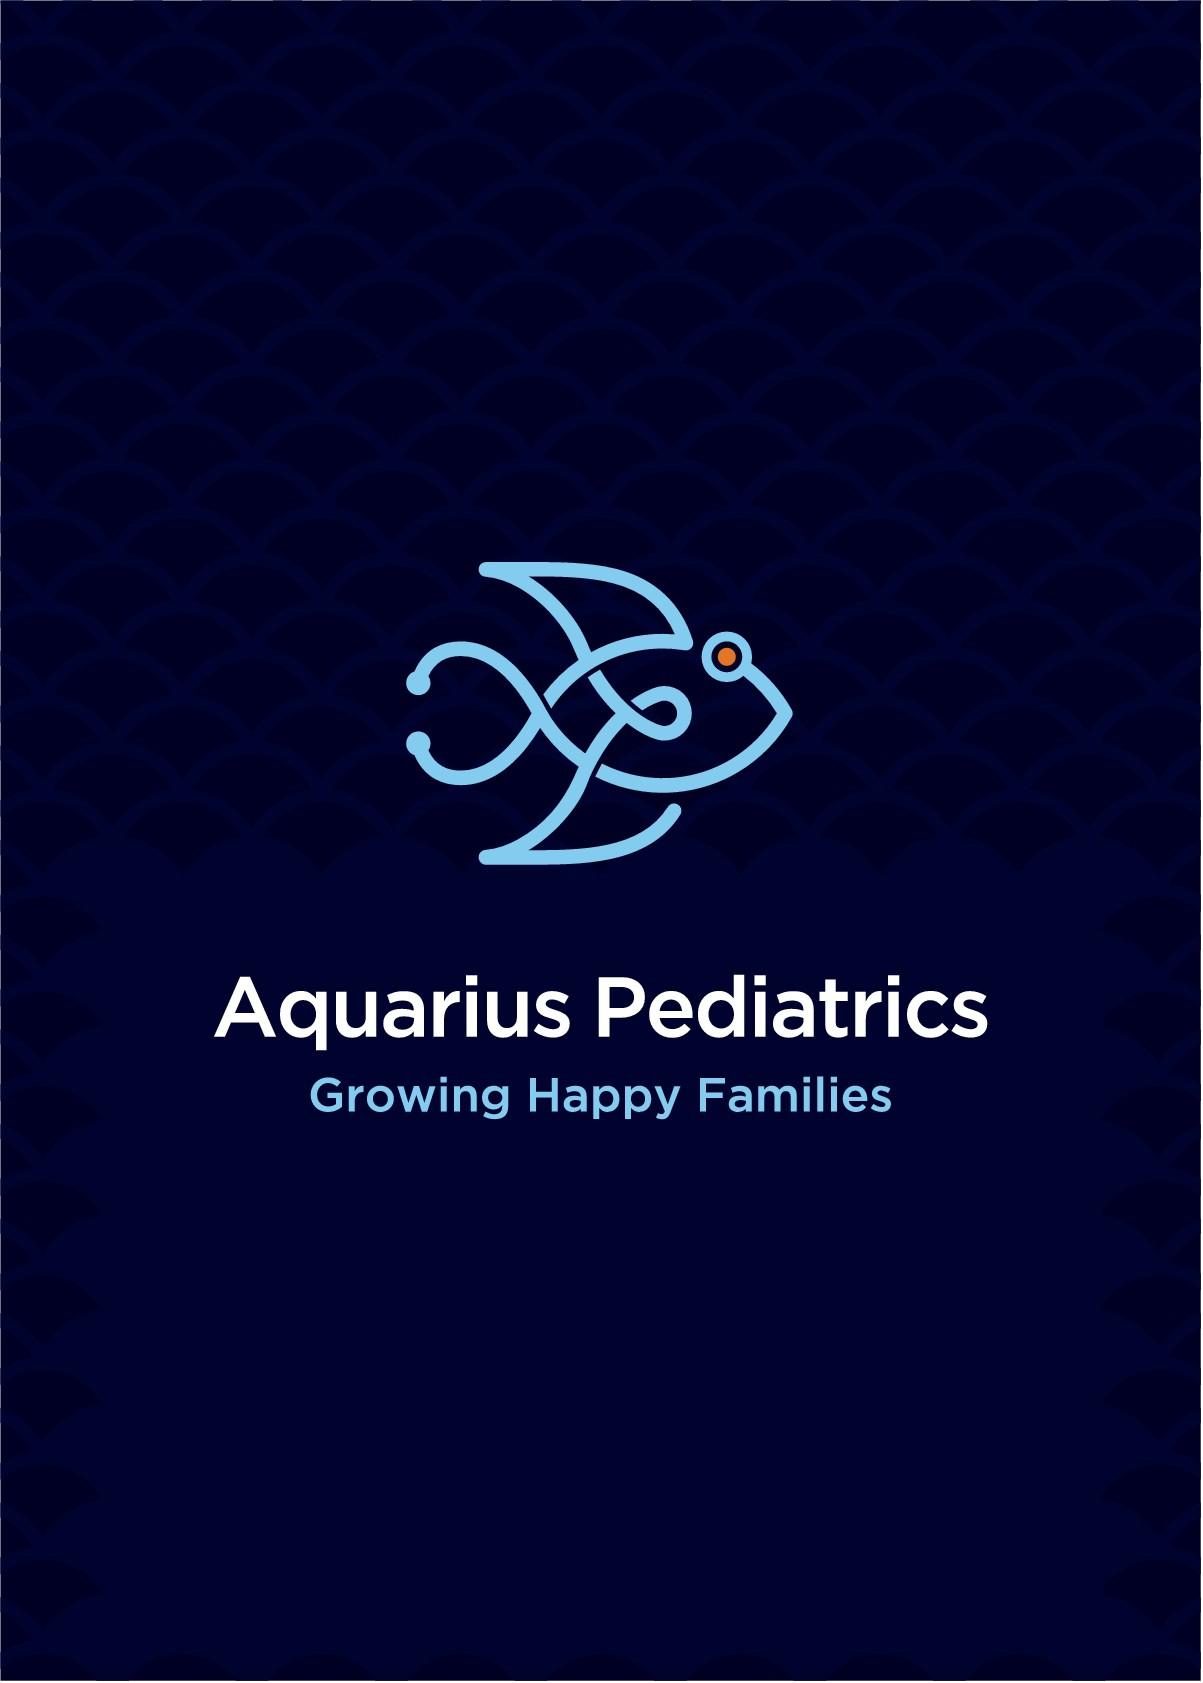 Aquarius Pediatric Business Card